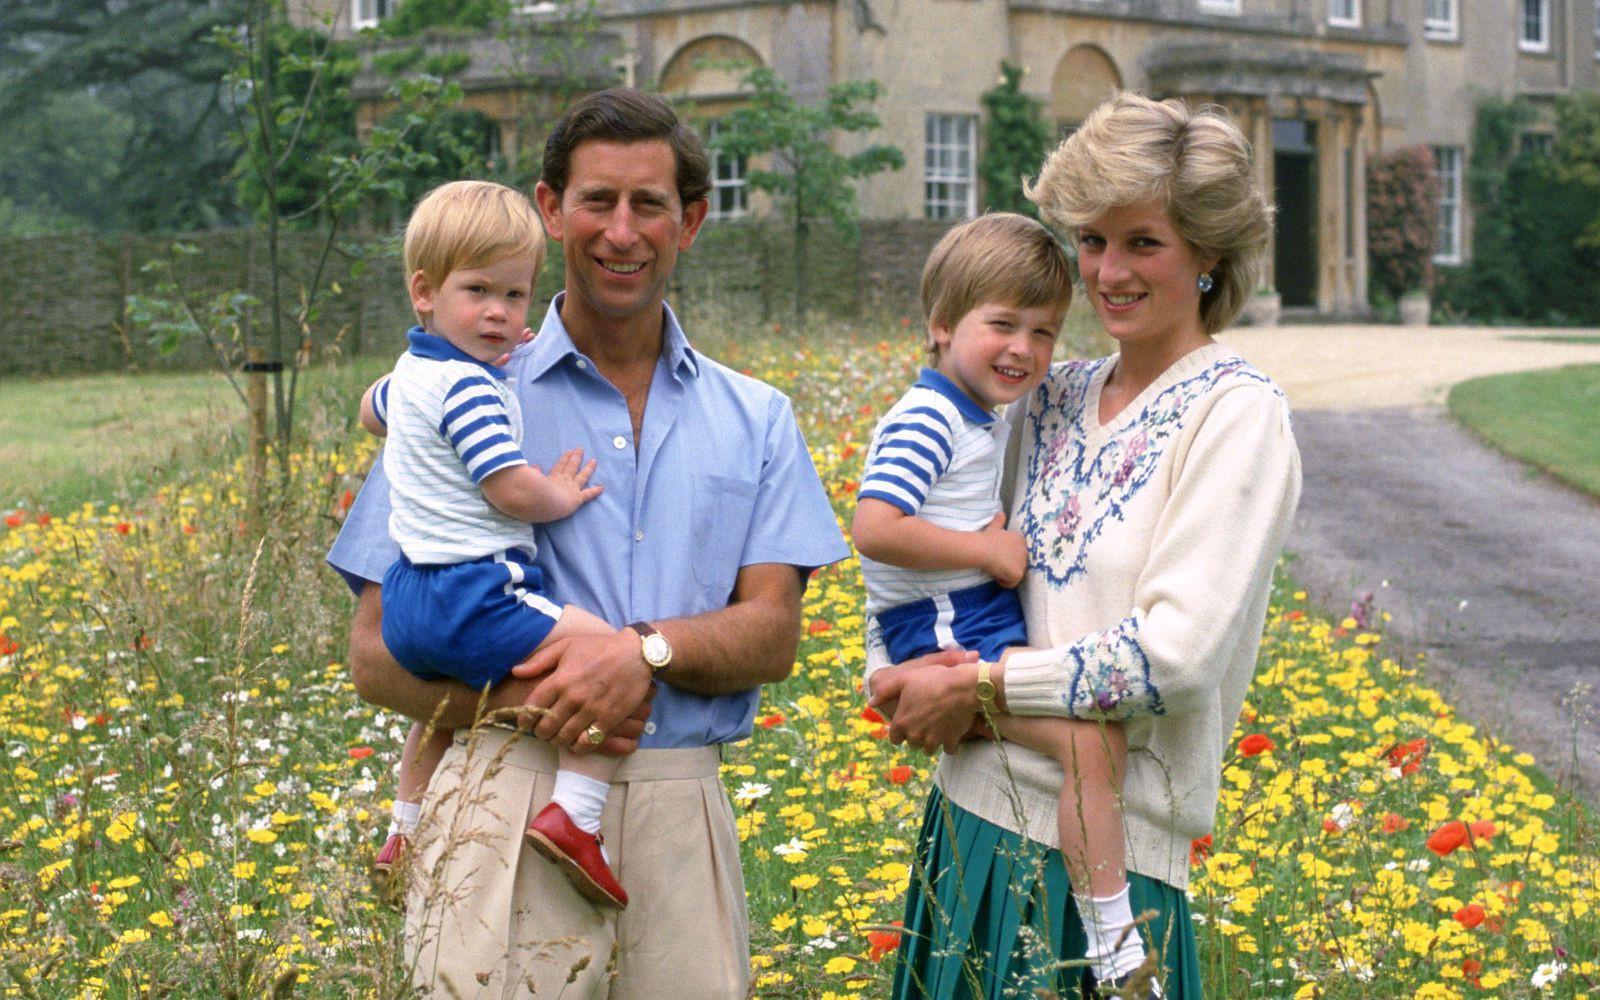 """Diện đồ ton-sur-ton và tự tay lựa trang phục """"đẹp cả đôi"""" cho hai con, Công nương Diana đích thực là bà mẹ Hoàng gia sành điệu nhất!"""